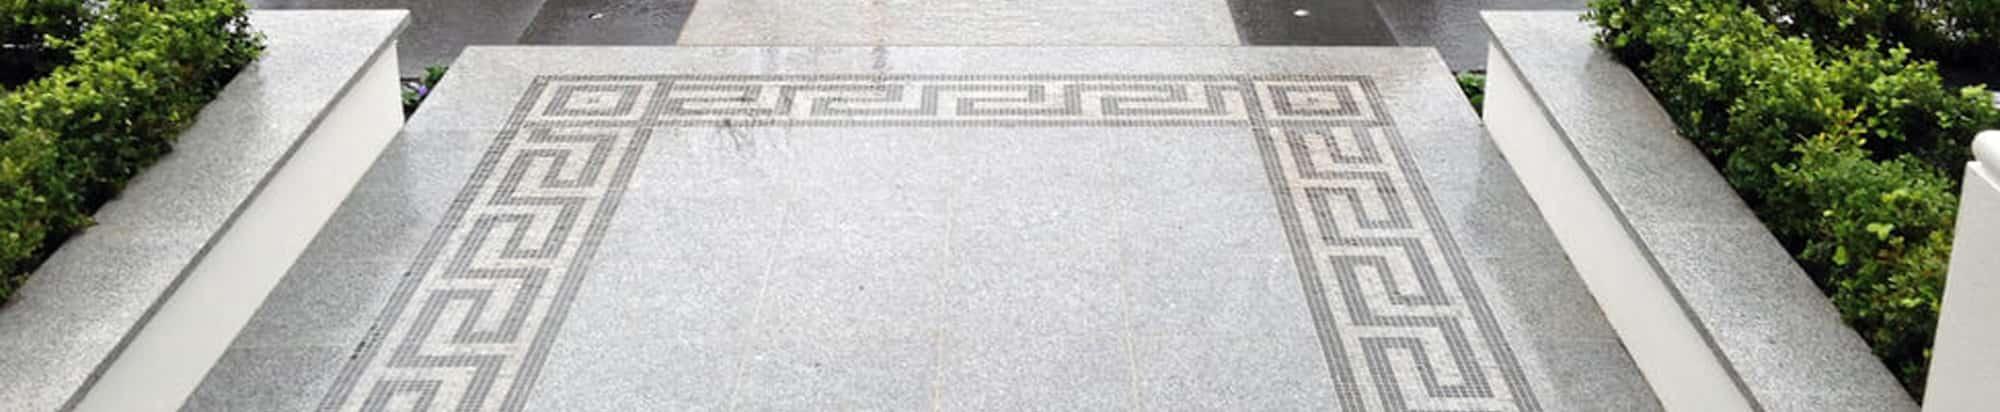 Residential Tiling Melbourne